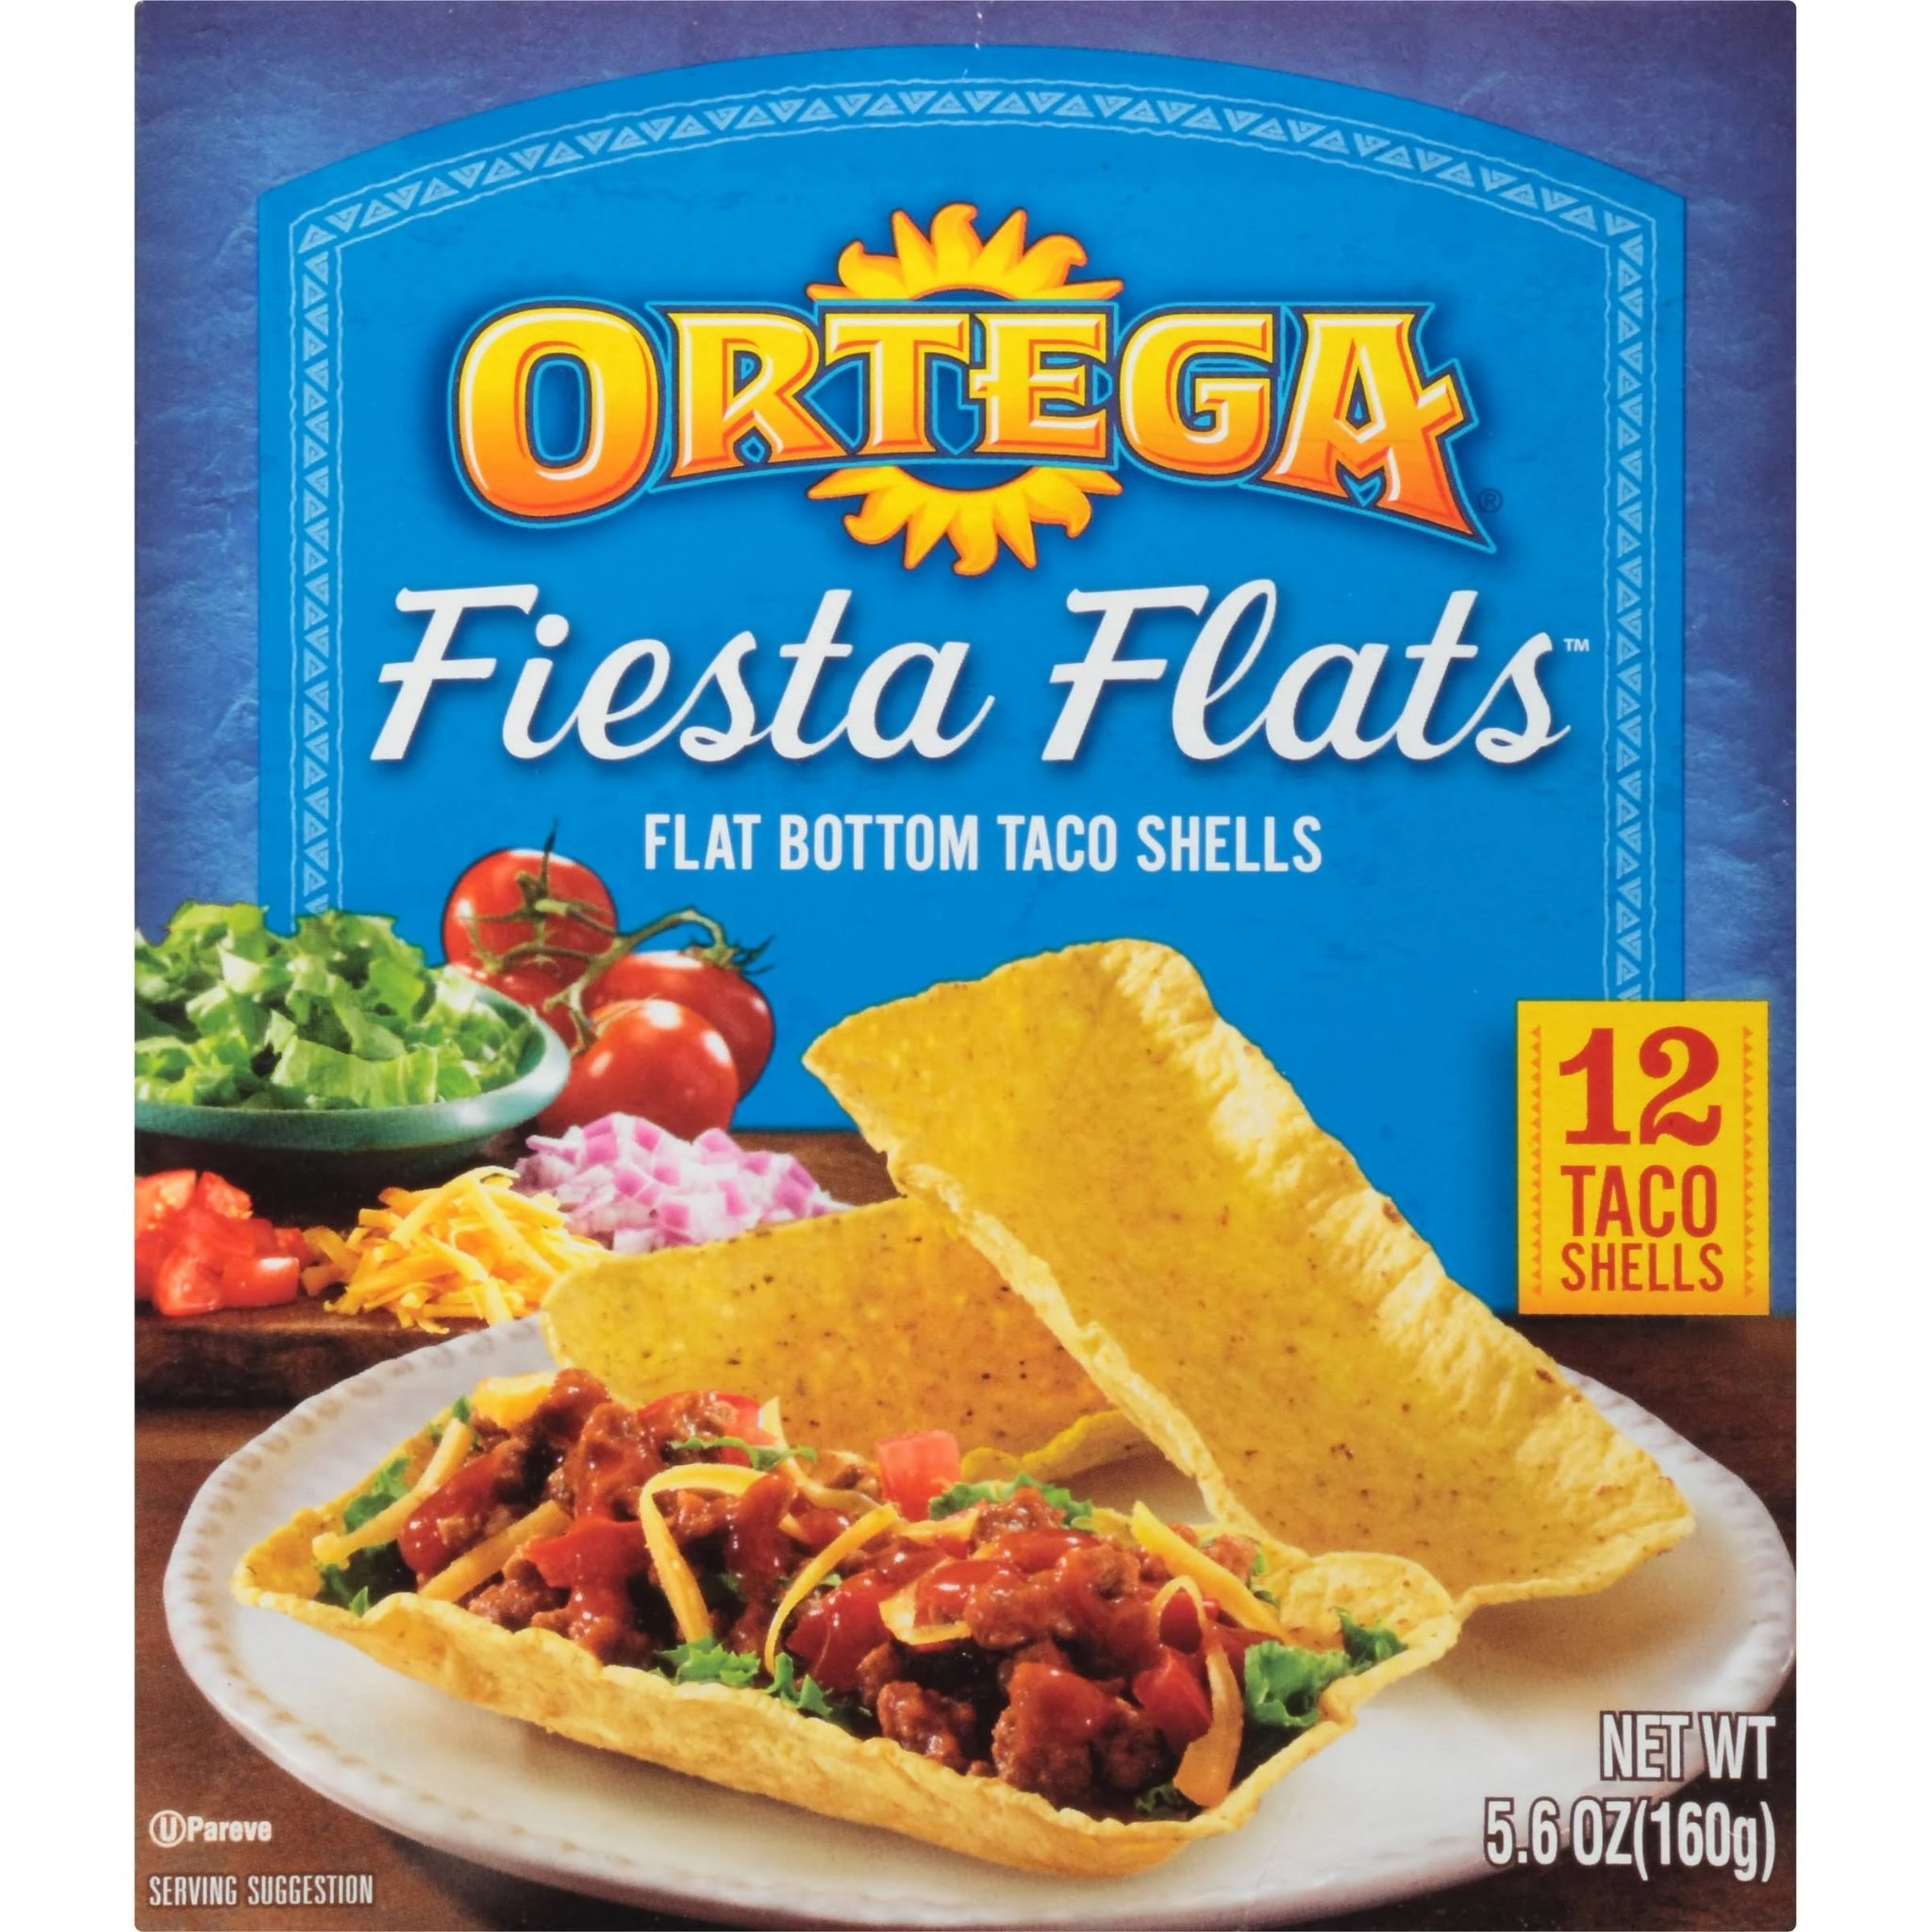 Ortega Fiesta Flats